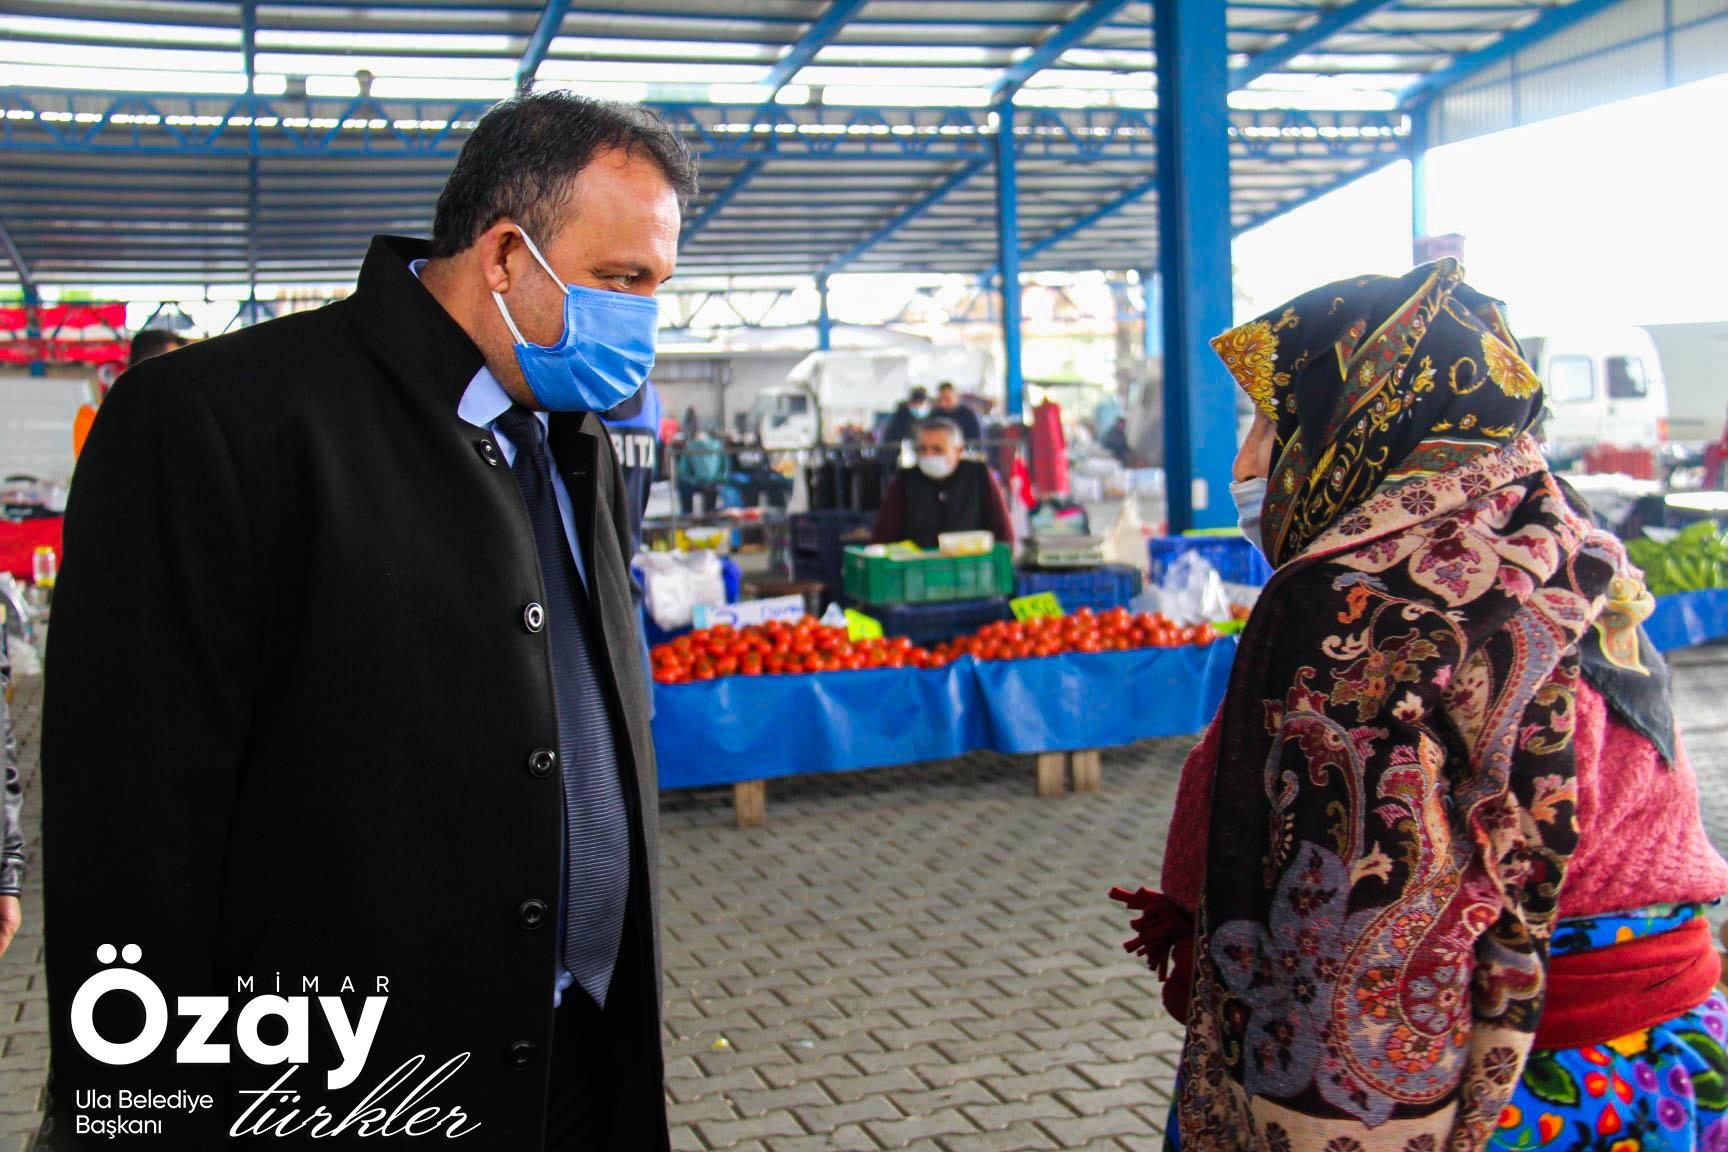 Belediye Başkanımız Sn. Mimar Özay Türkler İlçemiz Merkezi ve Karabörtlen Mahallemizde Pazar Ziyaretinde Bulundu